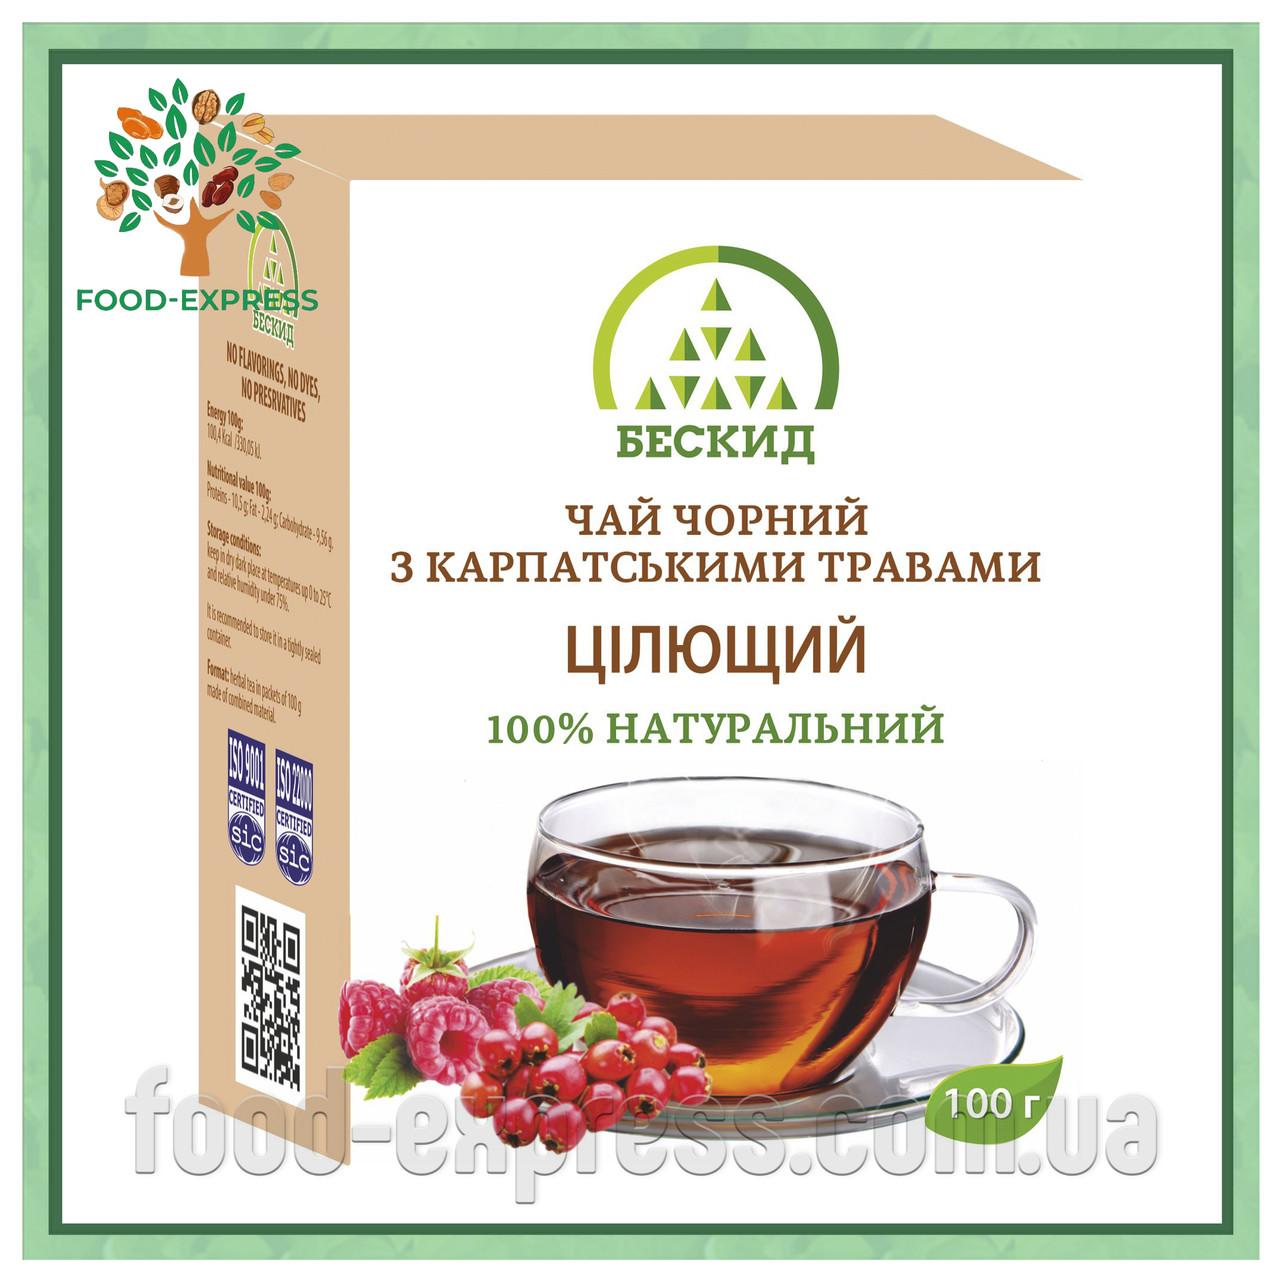 Чай чорний з карпатськими травами «Цілющий» 100г